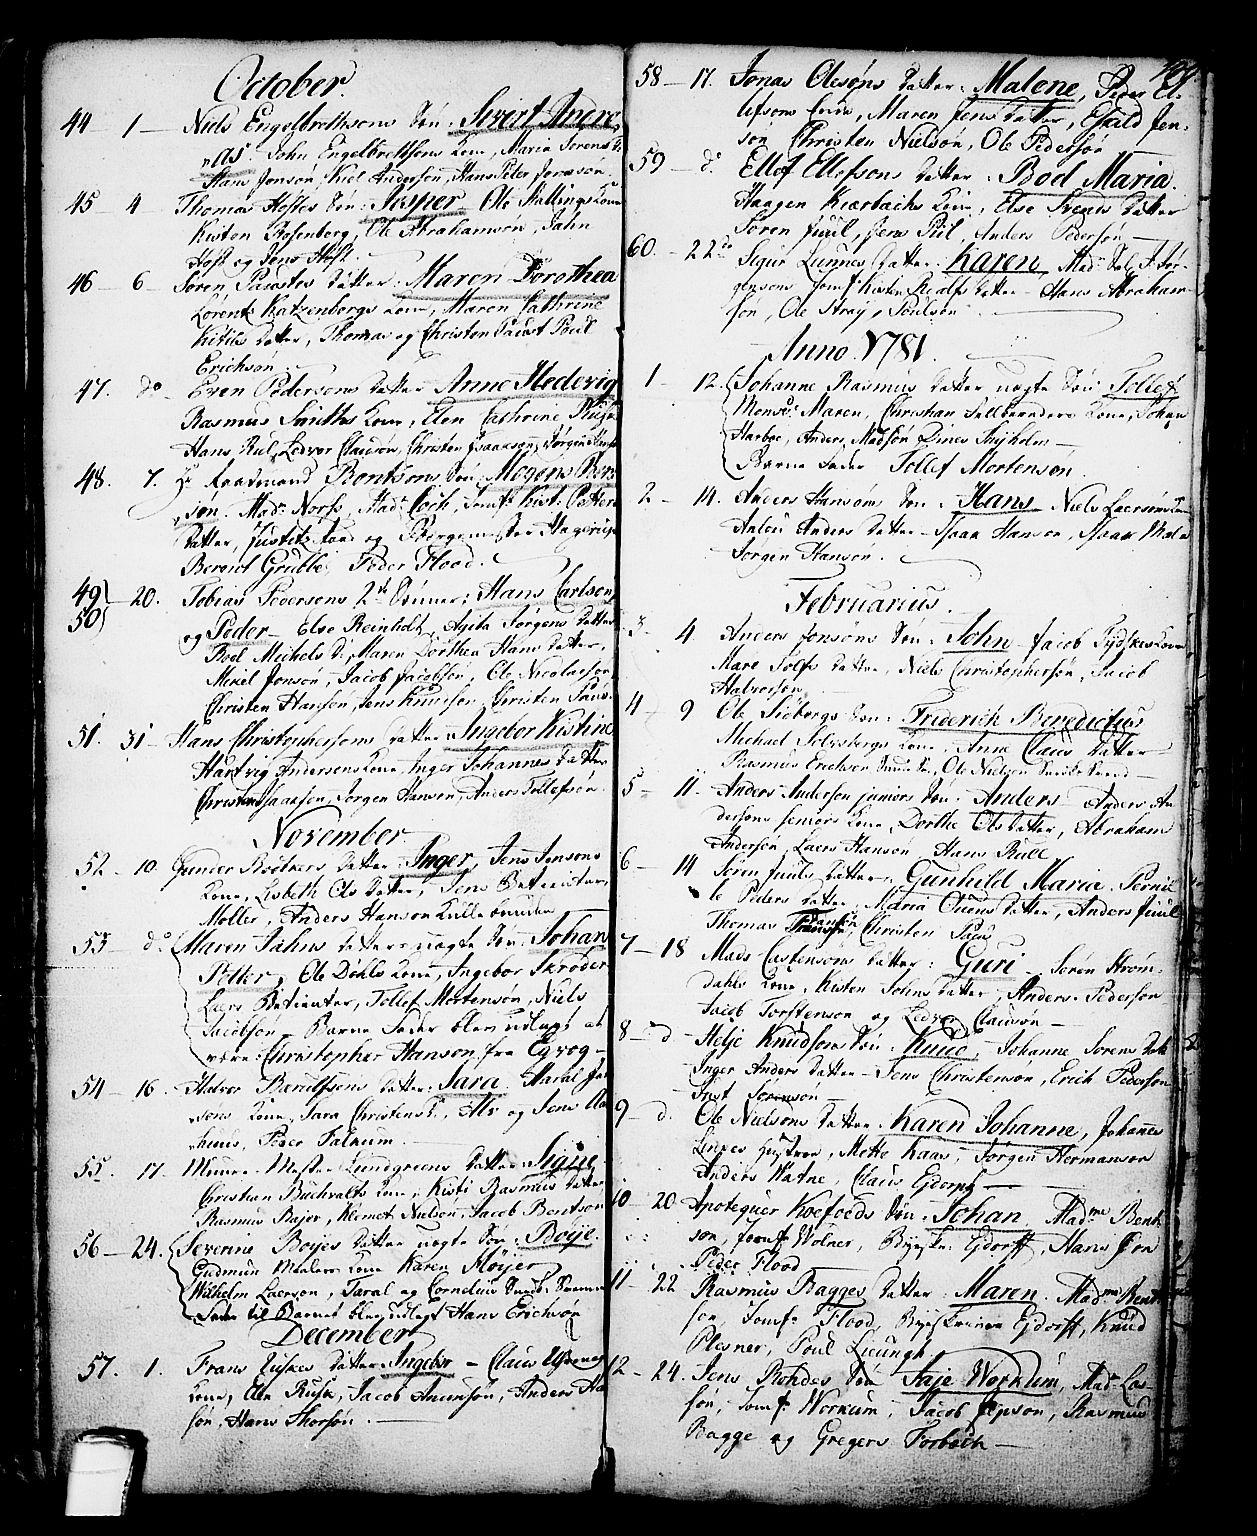 SAKO, Skien kirkebøker, G/Ga/L0001: Klokkerbok nr. 1, 1756-1791, s. 100